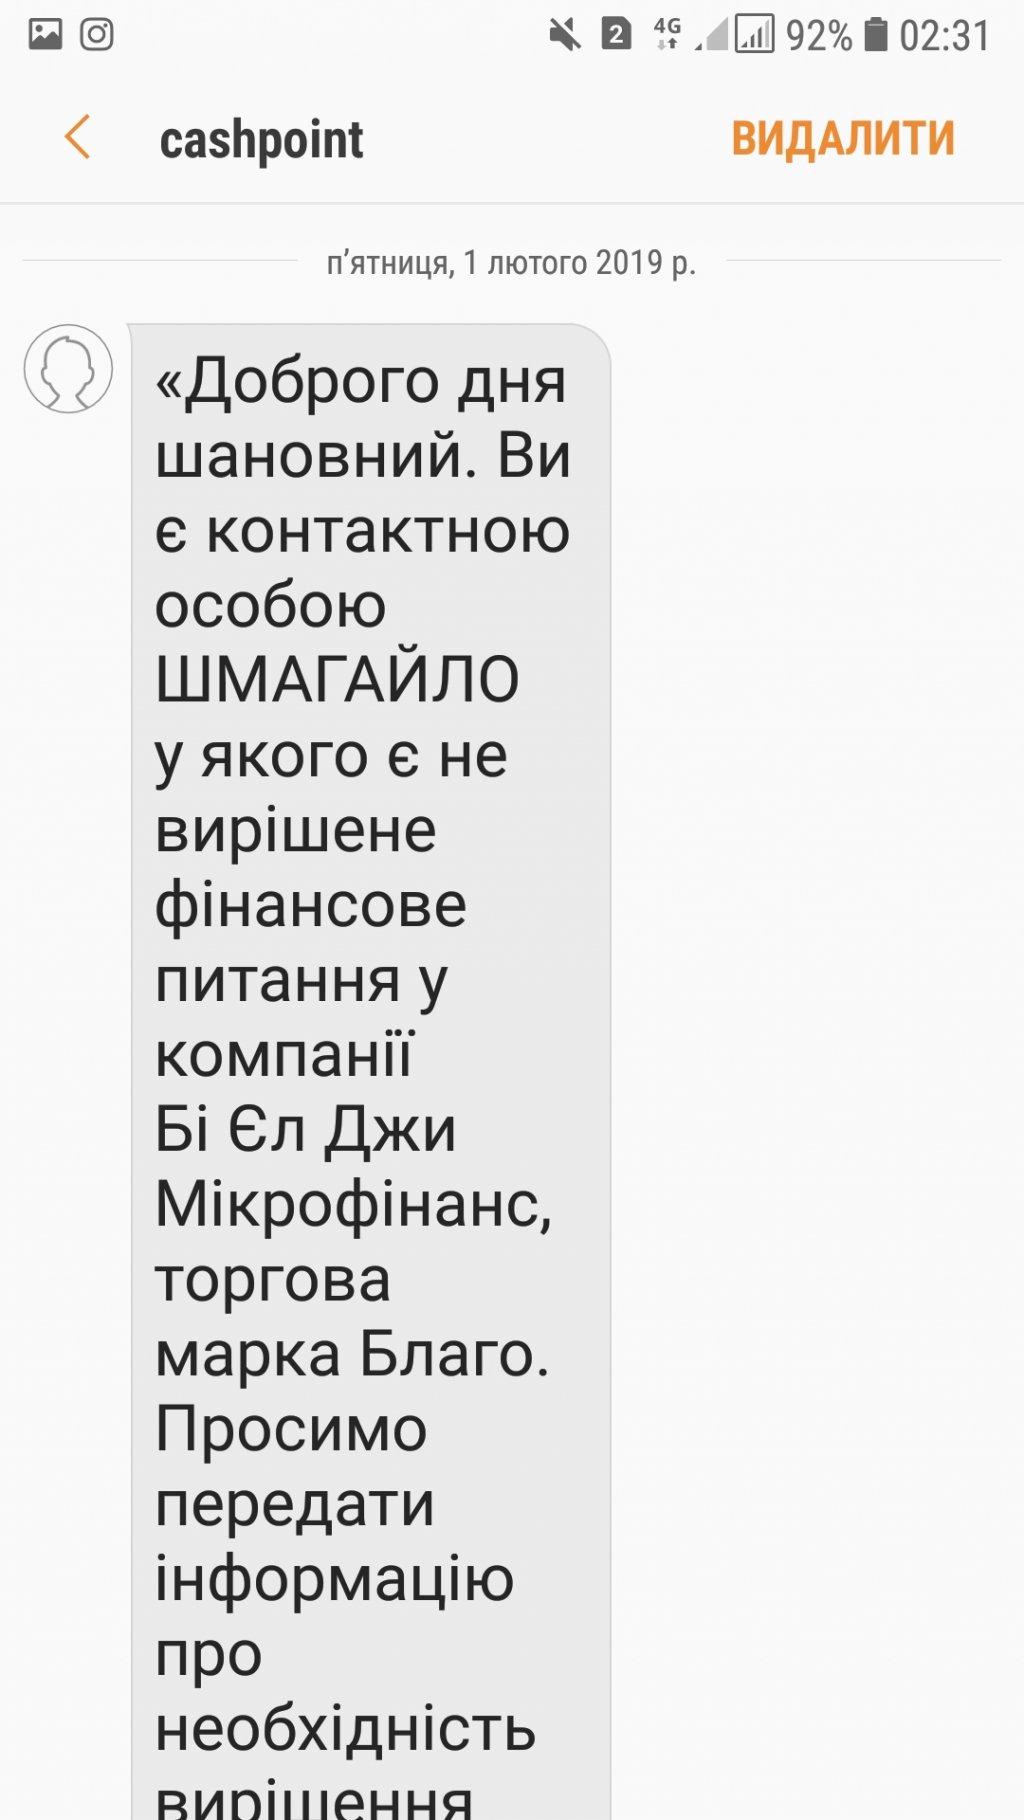 Адвокат Шмагайло Максим Иванович - Адвокат Шмагайло Максим Иванович, свидетельство №5457